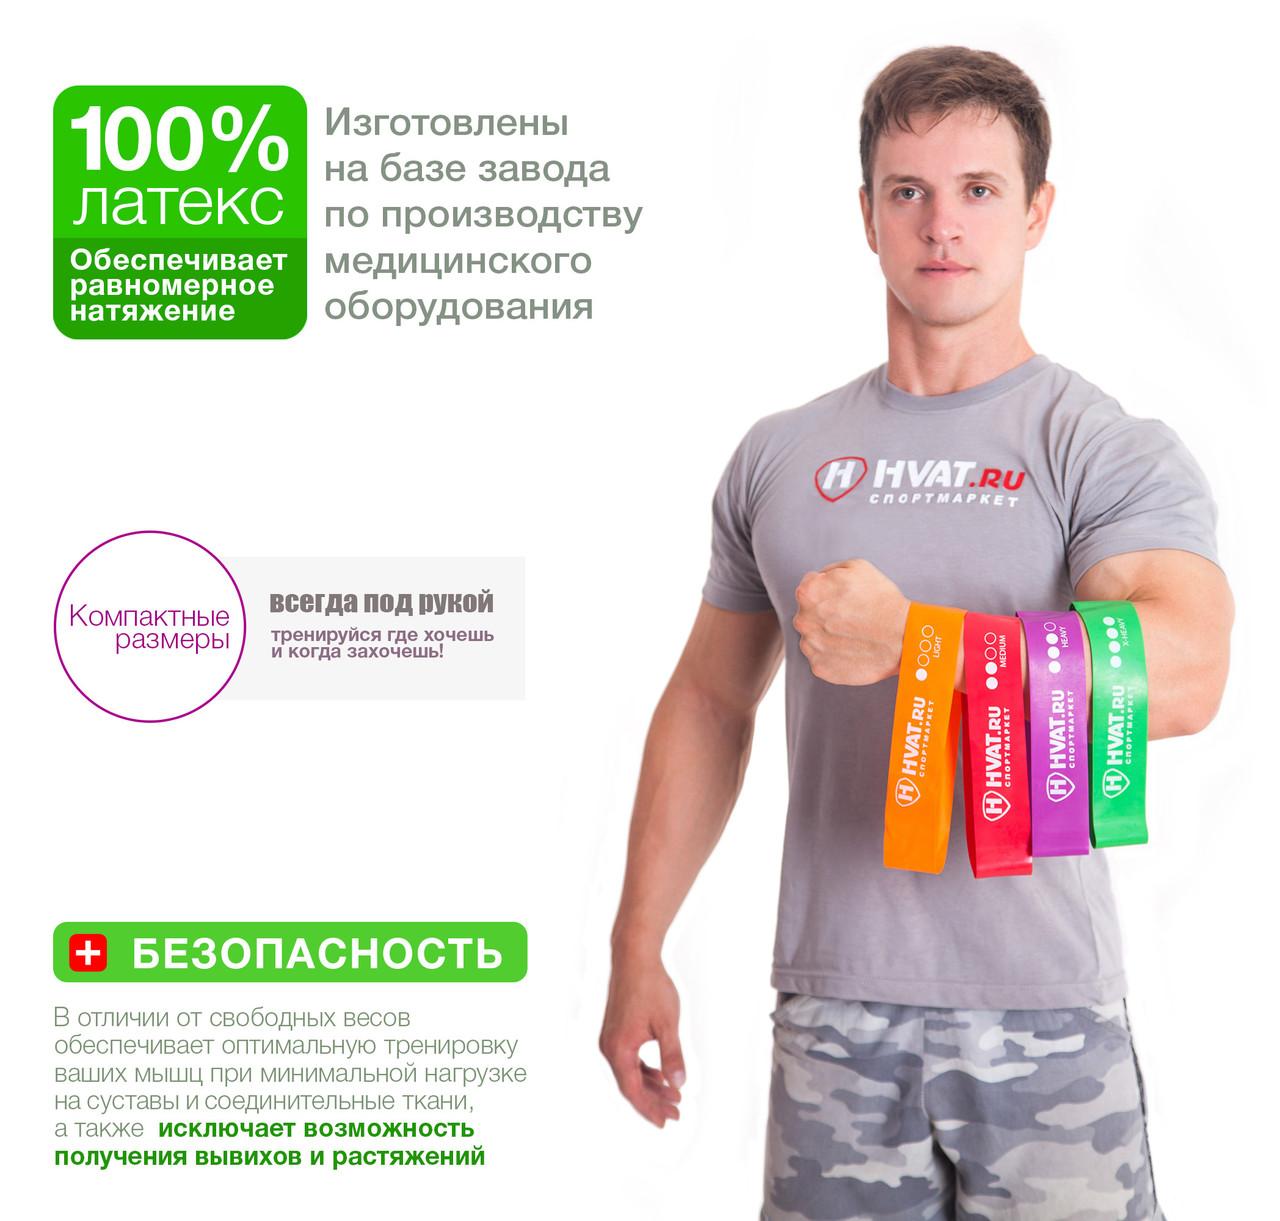 Набор резинок эспандеров для фитнеса HVAT. (Мини-петли) для фитнеса, набор в чехле - фото 3